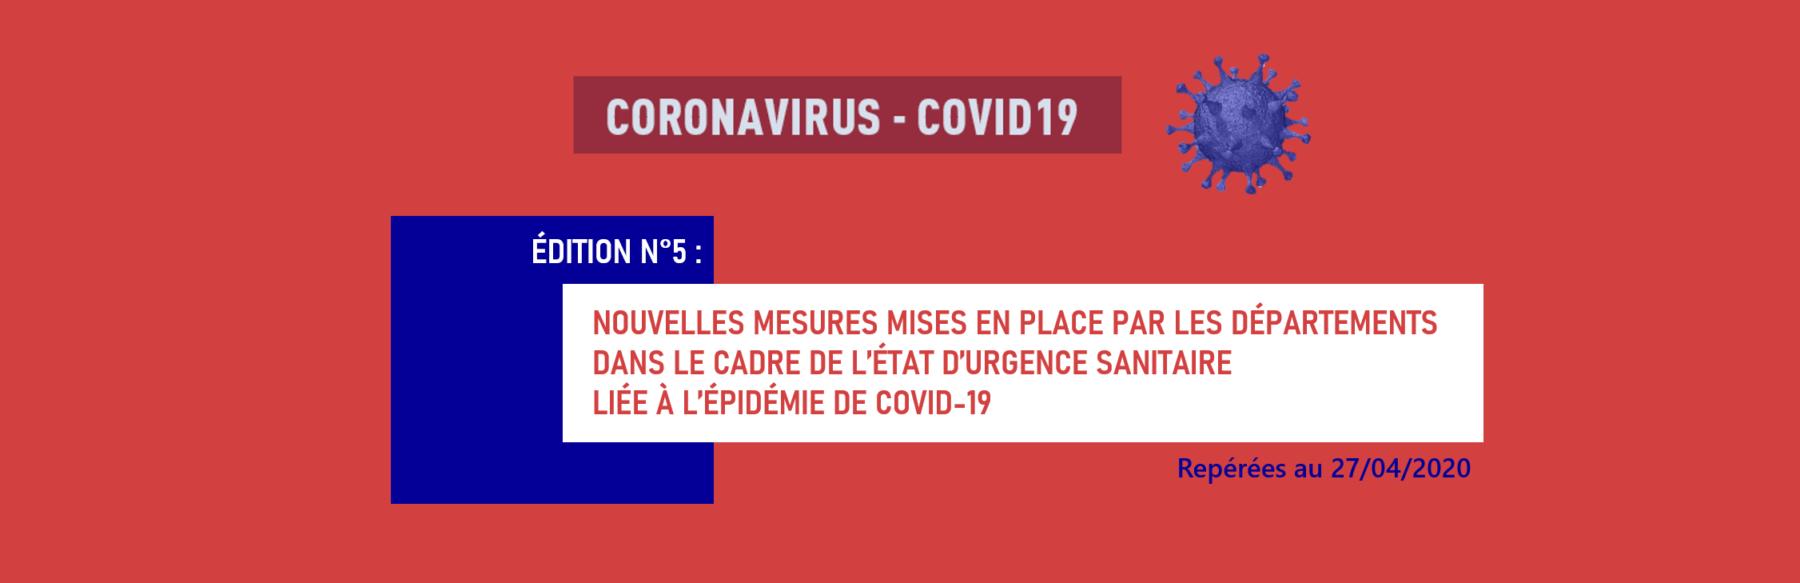 Edition n°5 : Les nouvelles mesures mises en place par les Départements dans le cadre de l'état d'urgence sanitaire liée à l'épidémie de covid-19